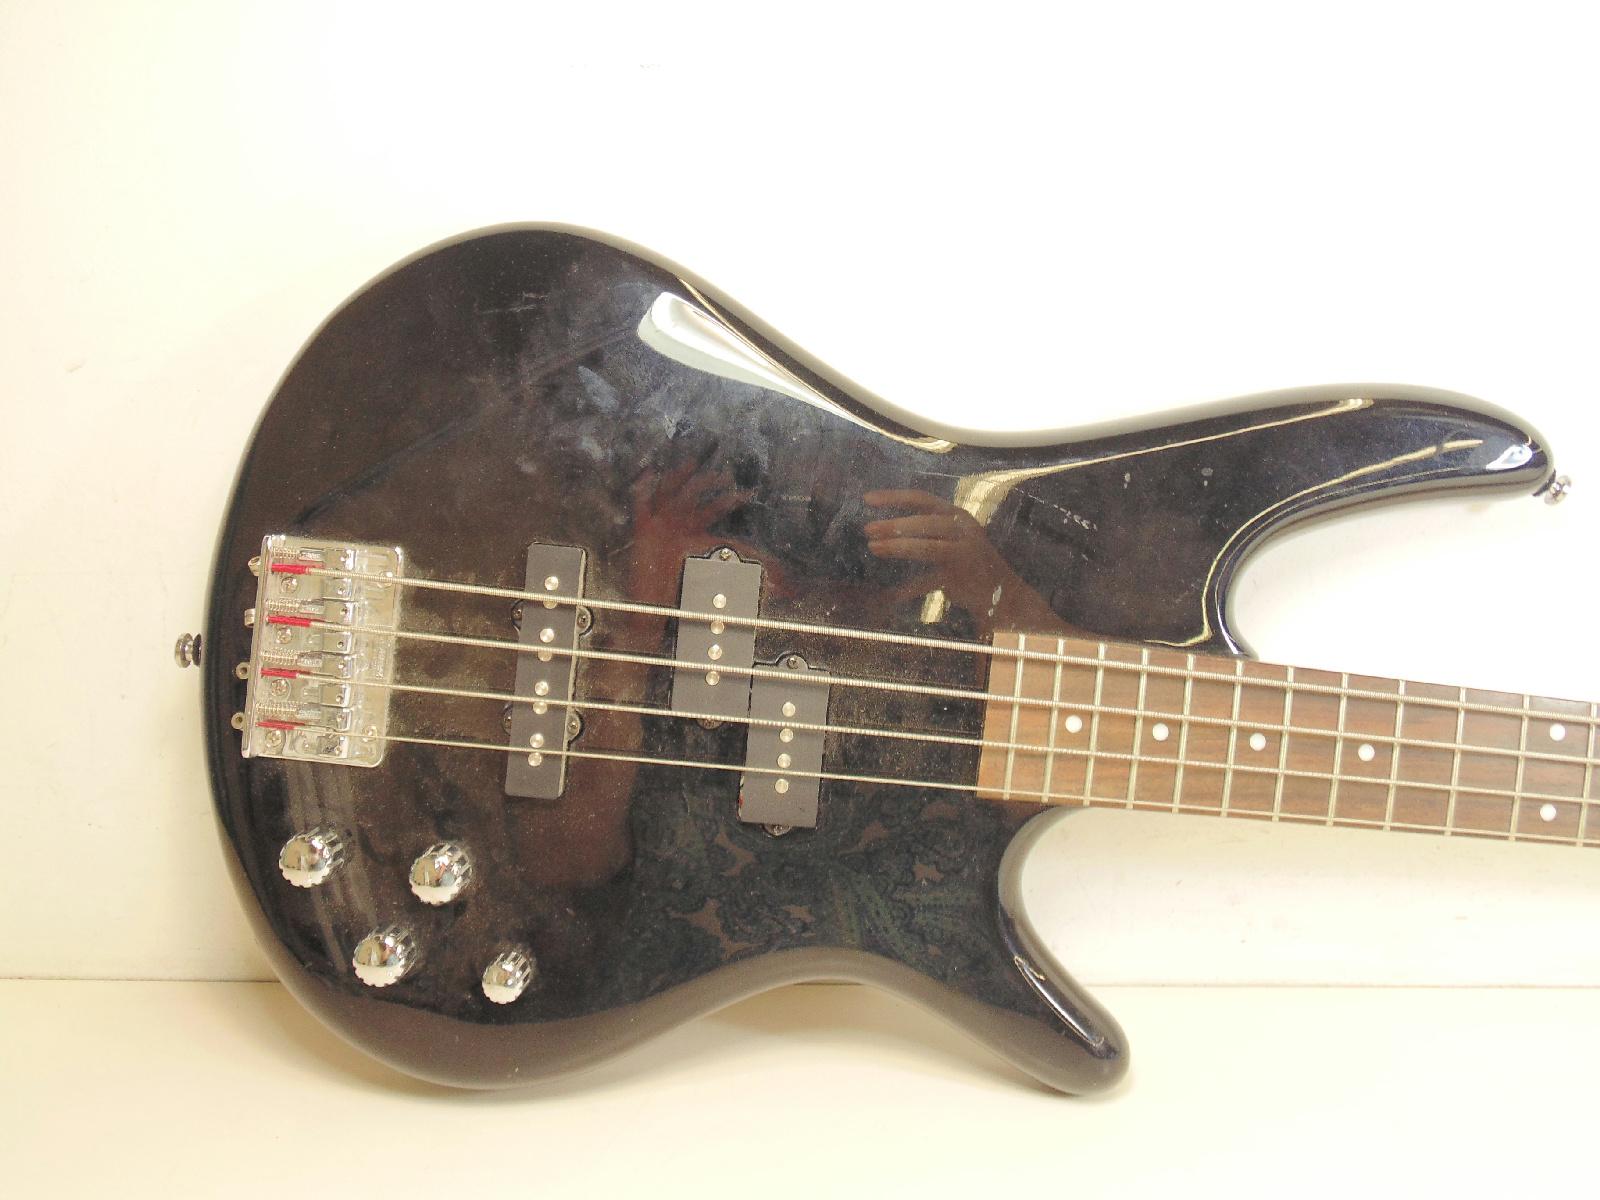 ibanez soundgear 4 string bass guitar gsr200 black 3 pickups ebay. Black Bedroom Furniture Sets. Home Design Ideas